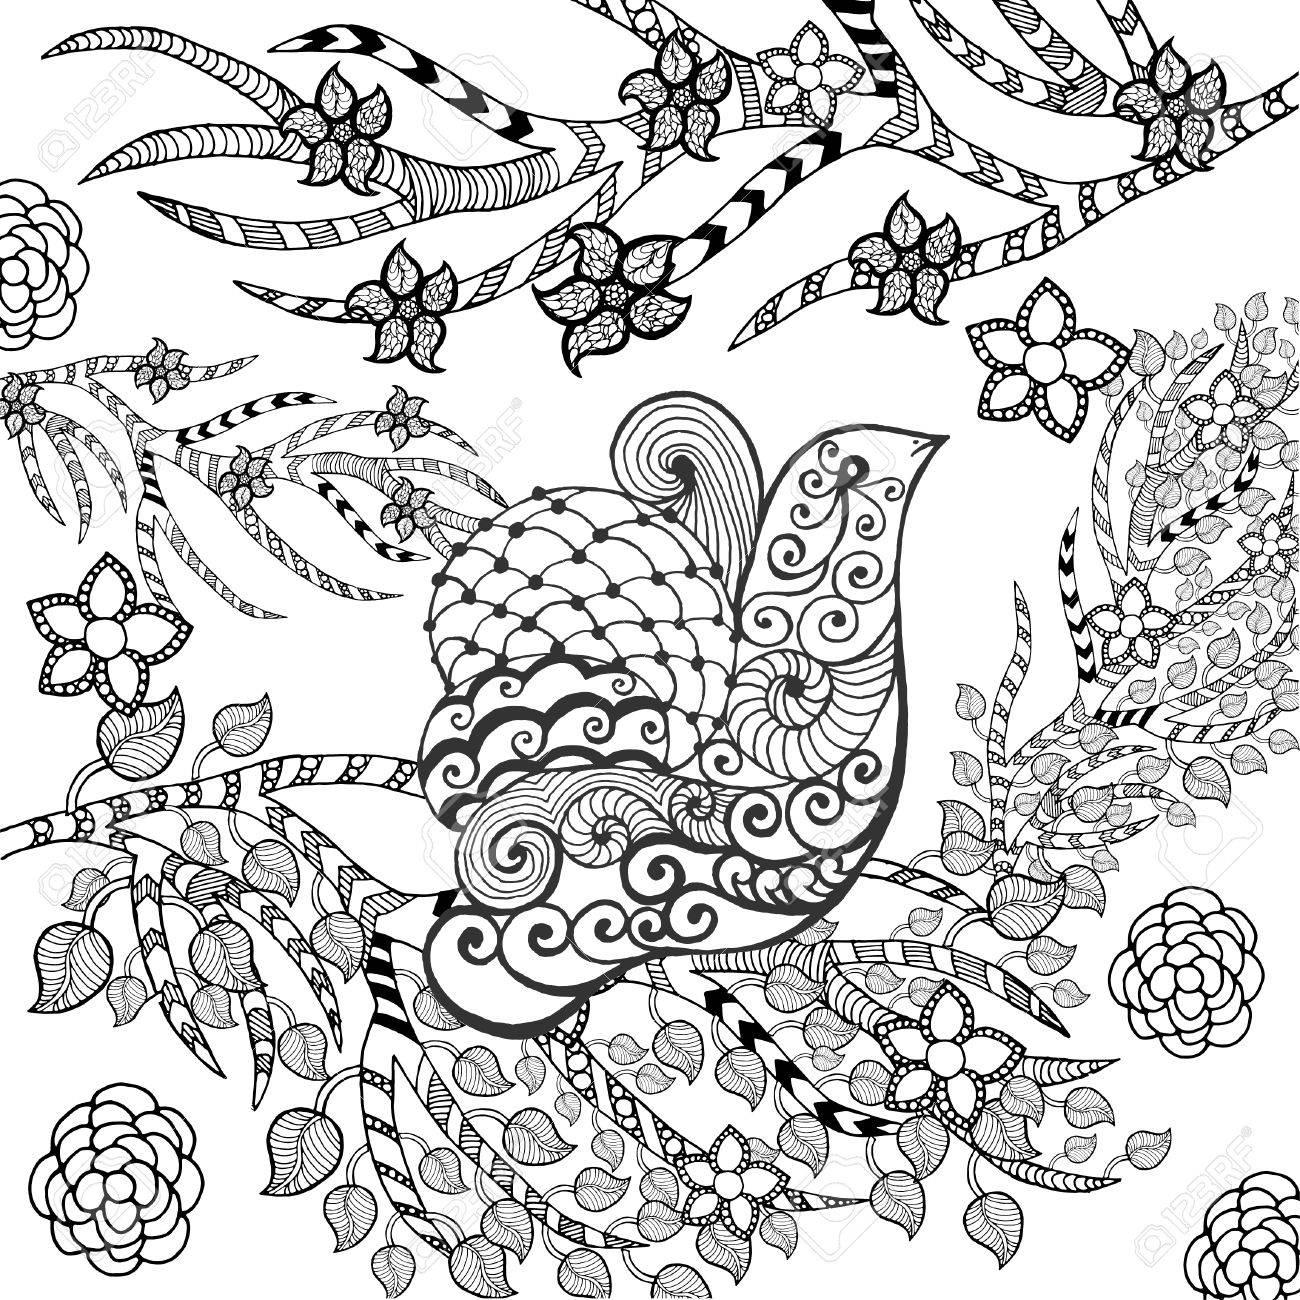 1300x1300 Cute Bird In Flower Garden. Animals. Hand Drawn Doodle. Ethnic